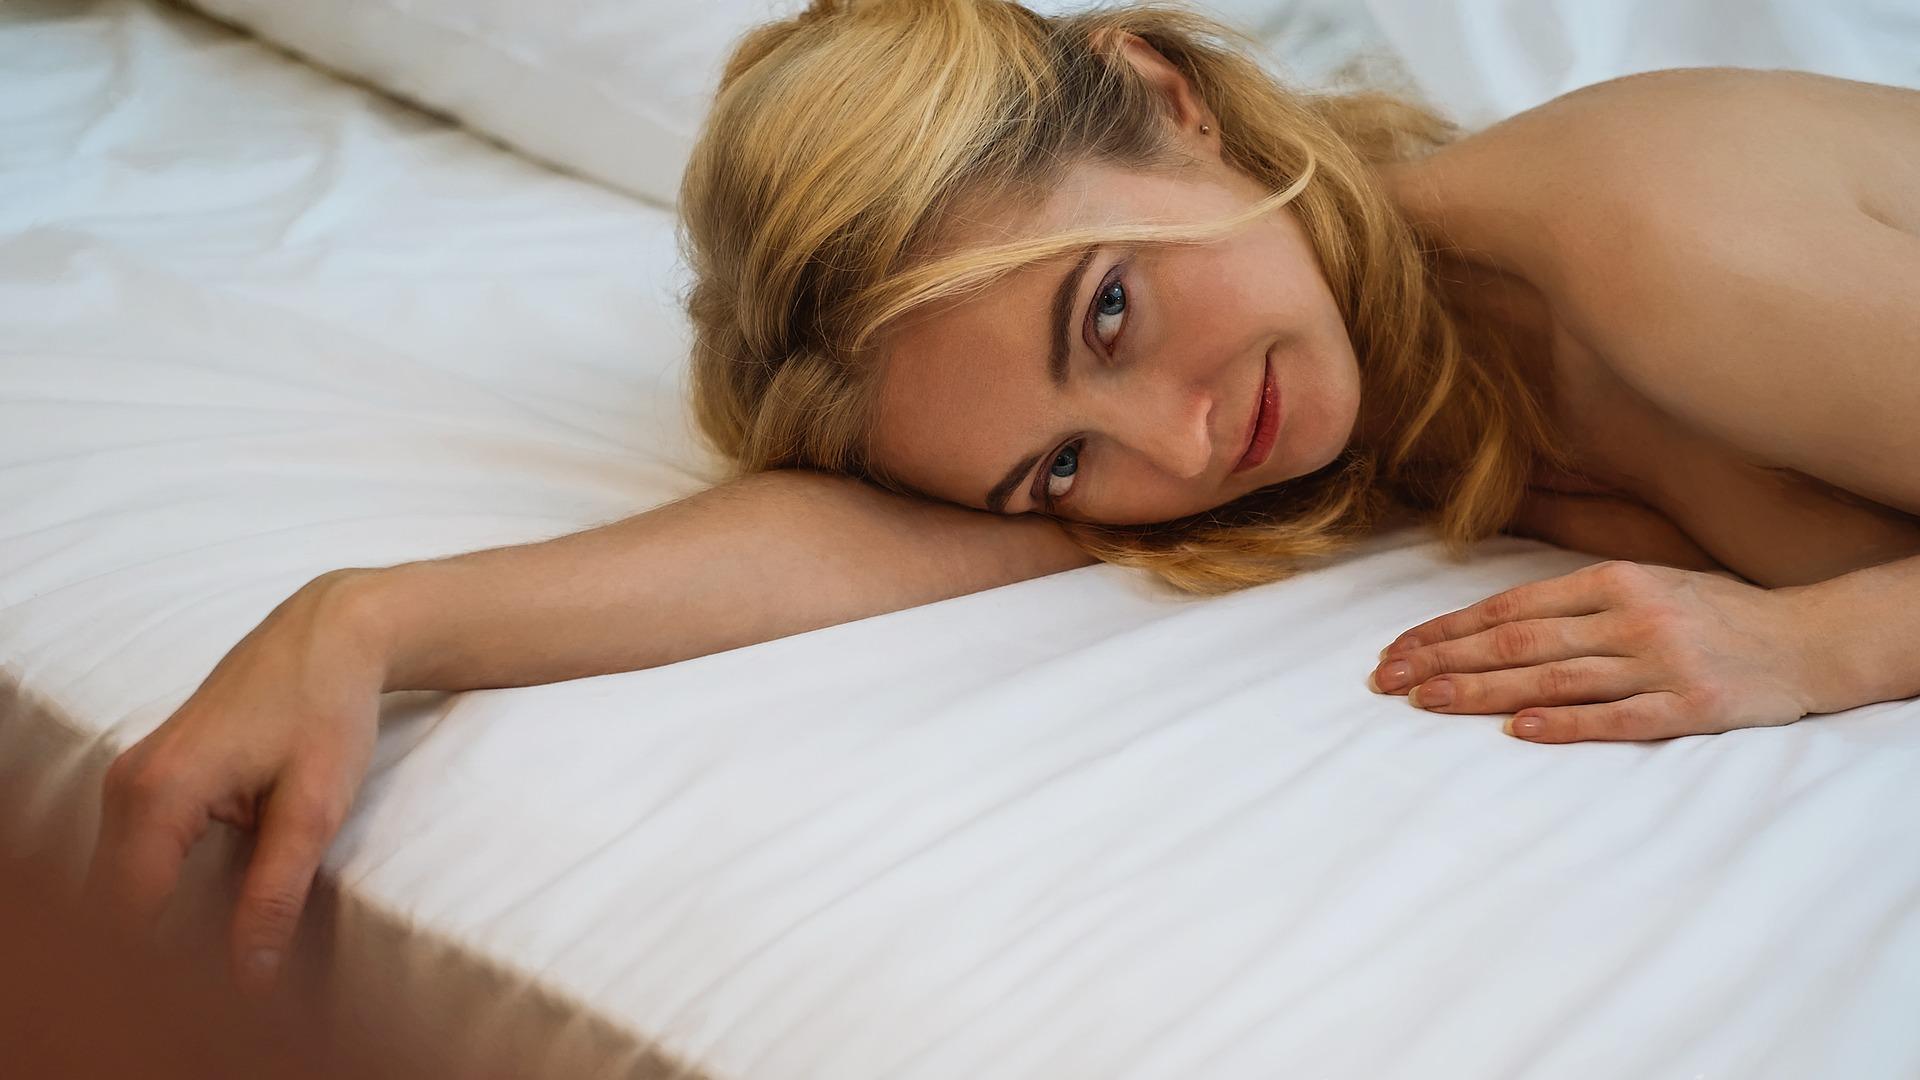 不倫sexにハマるのはなぜ?既婚男性と既婚女性の本当に求めるエッチとその理由